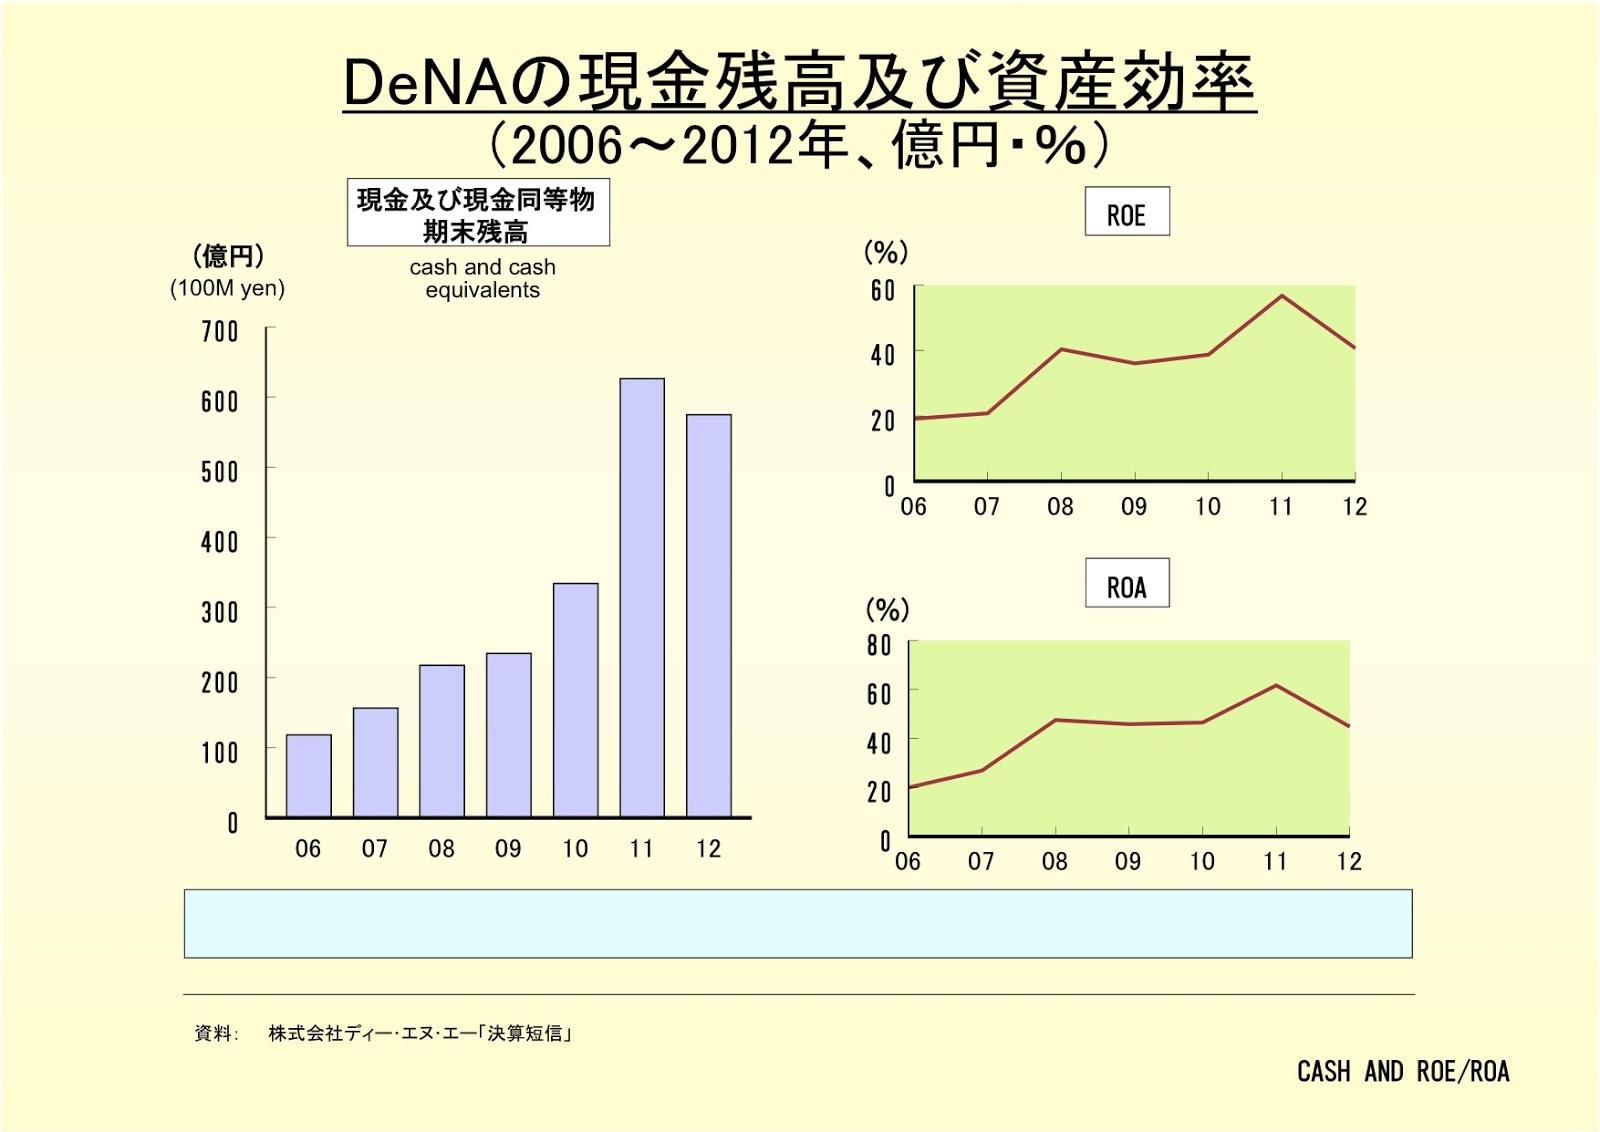 株式会社DeNAの現金残高及び資産効率